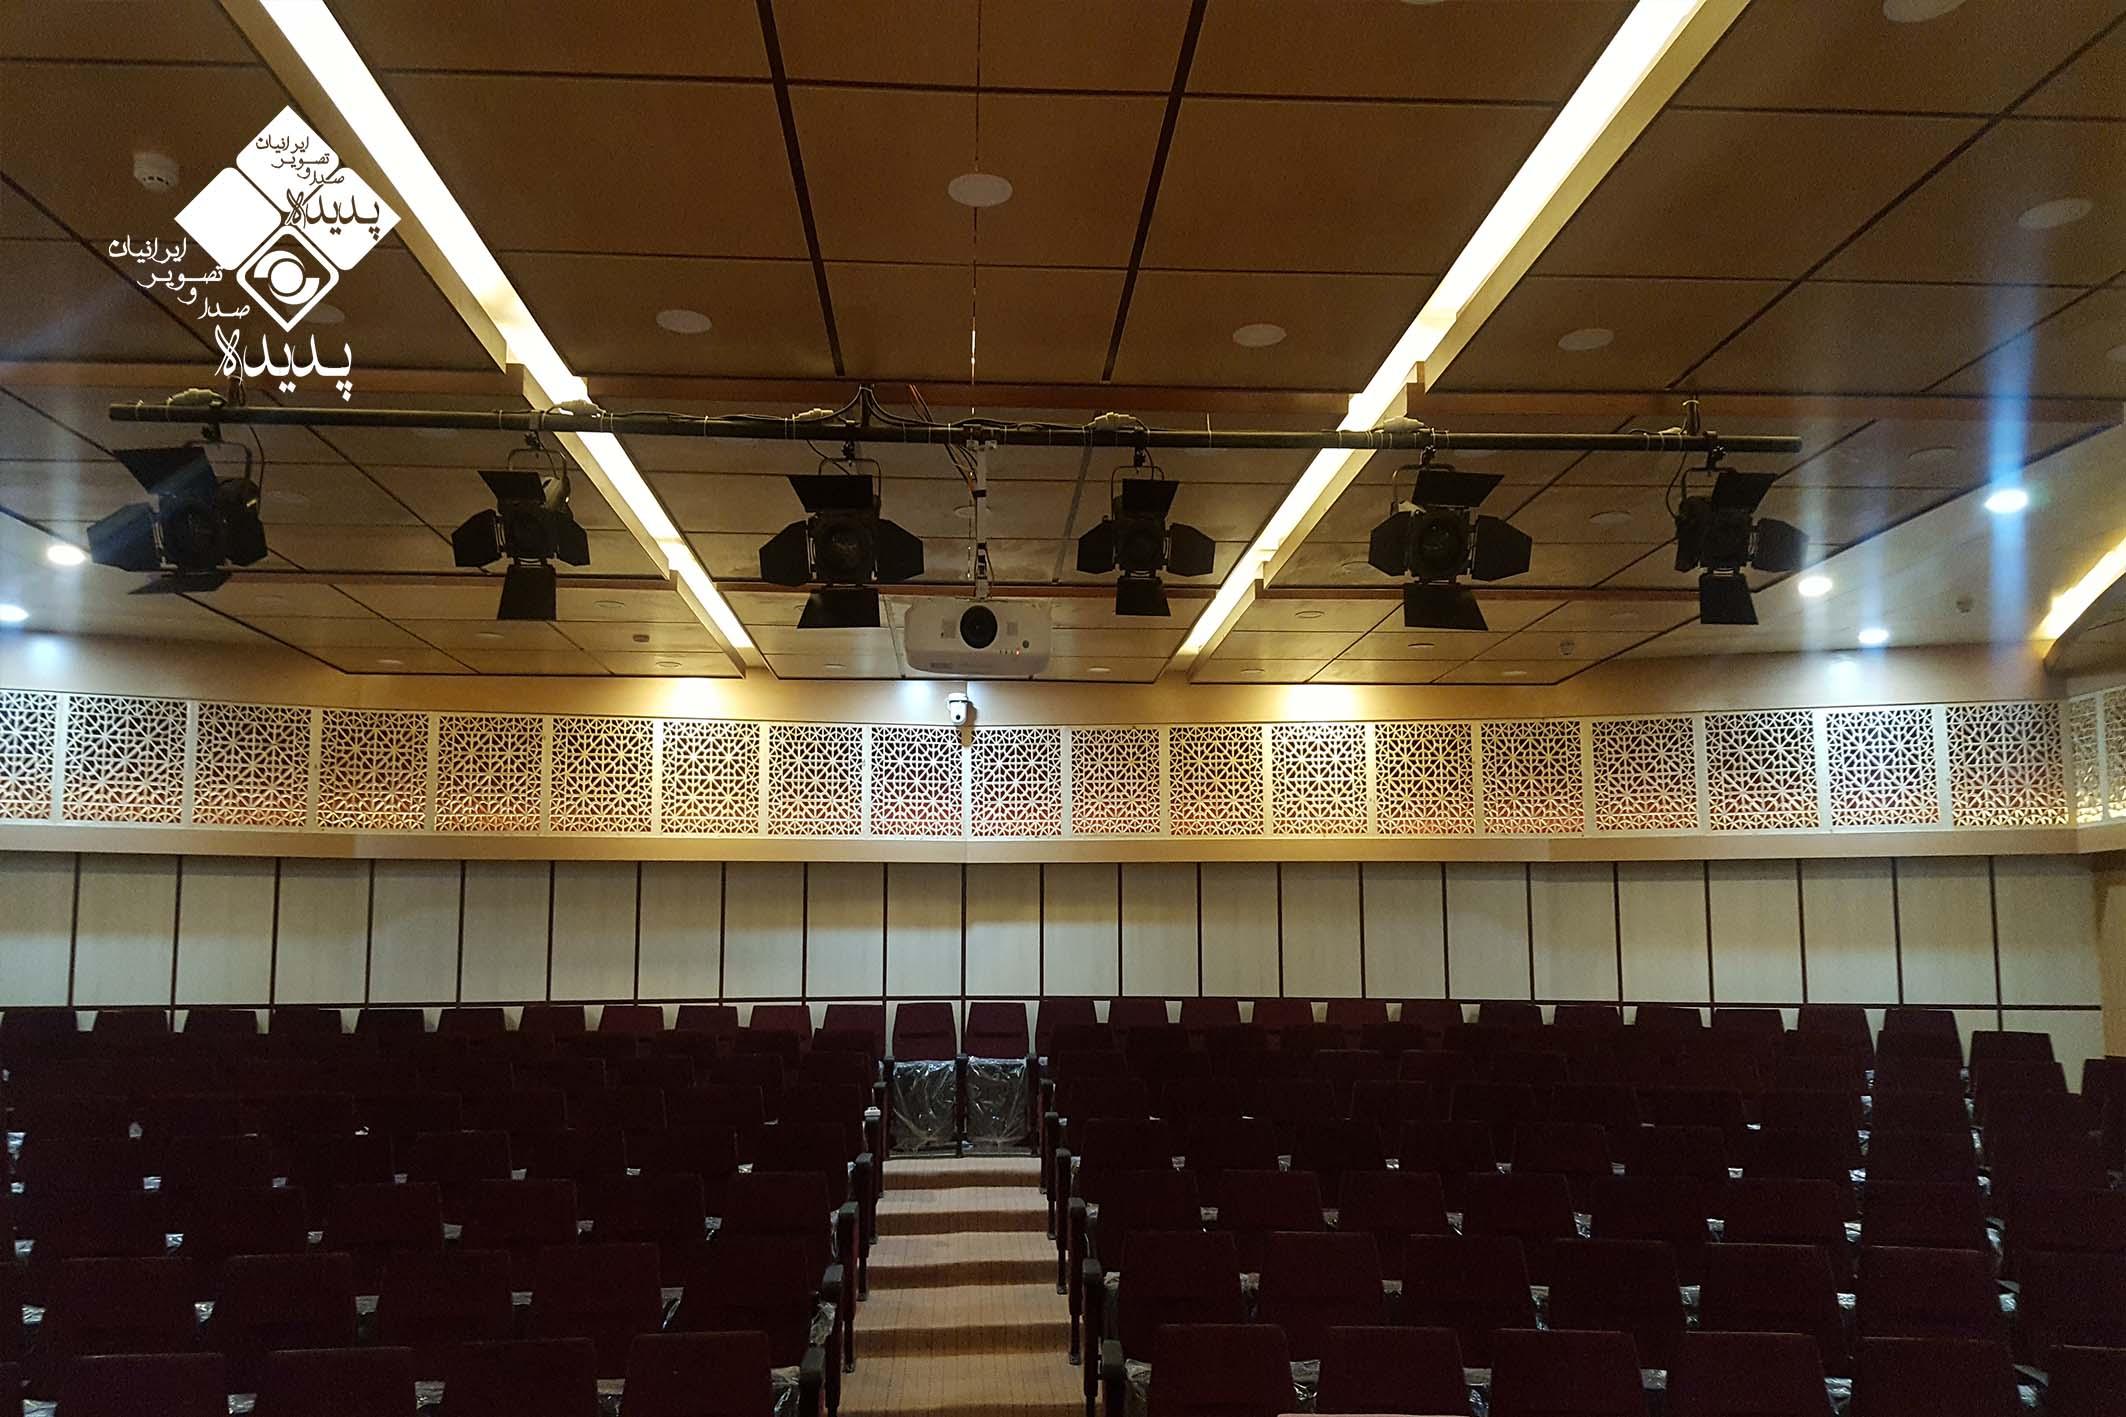 آمفی تئاتر دانشگاه بوئین زهرا 08